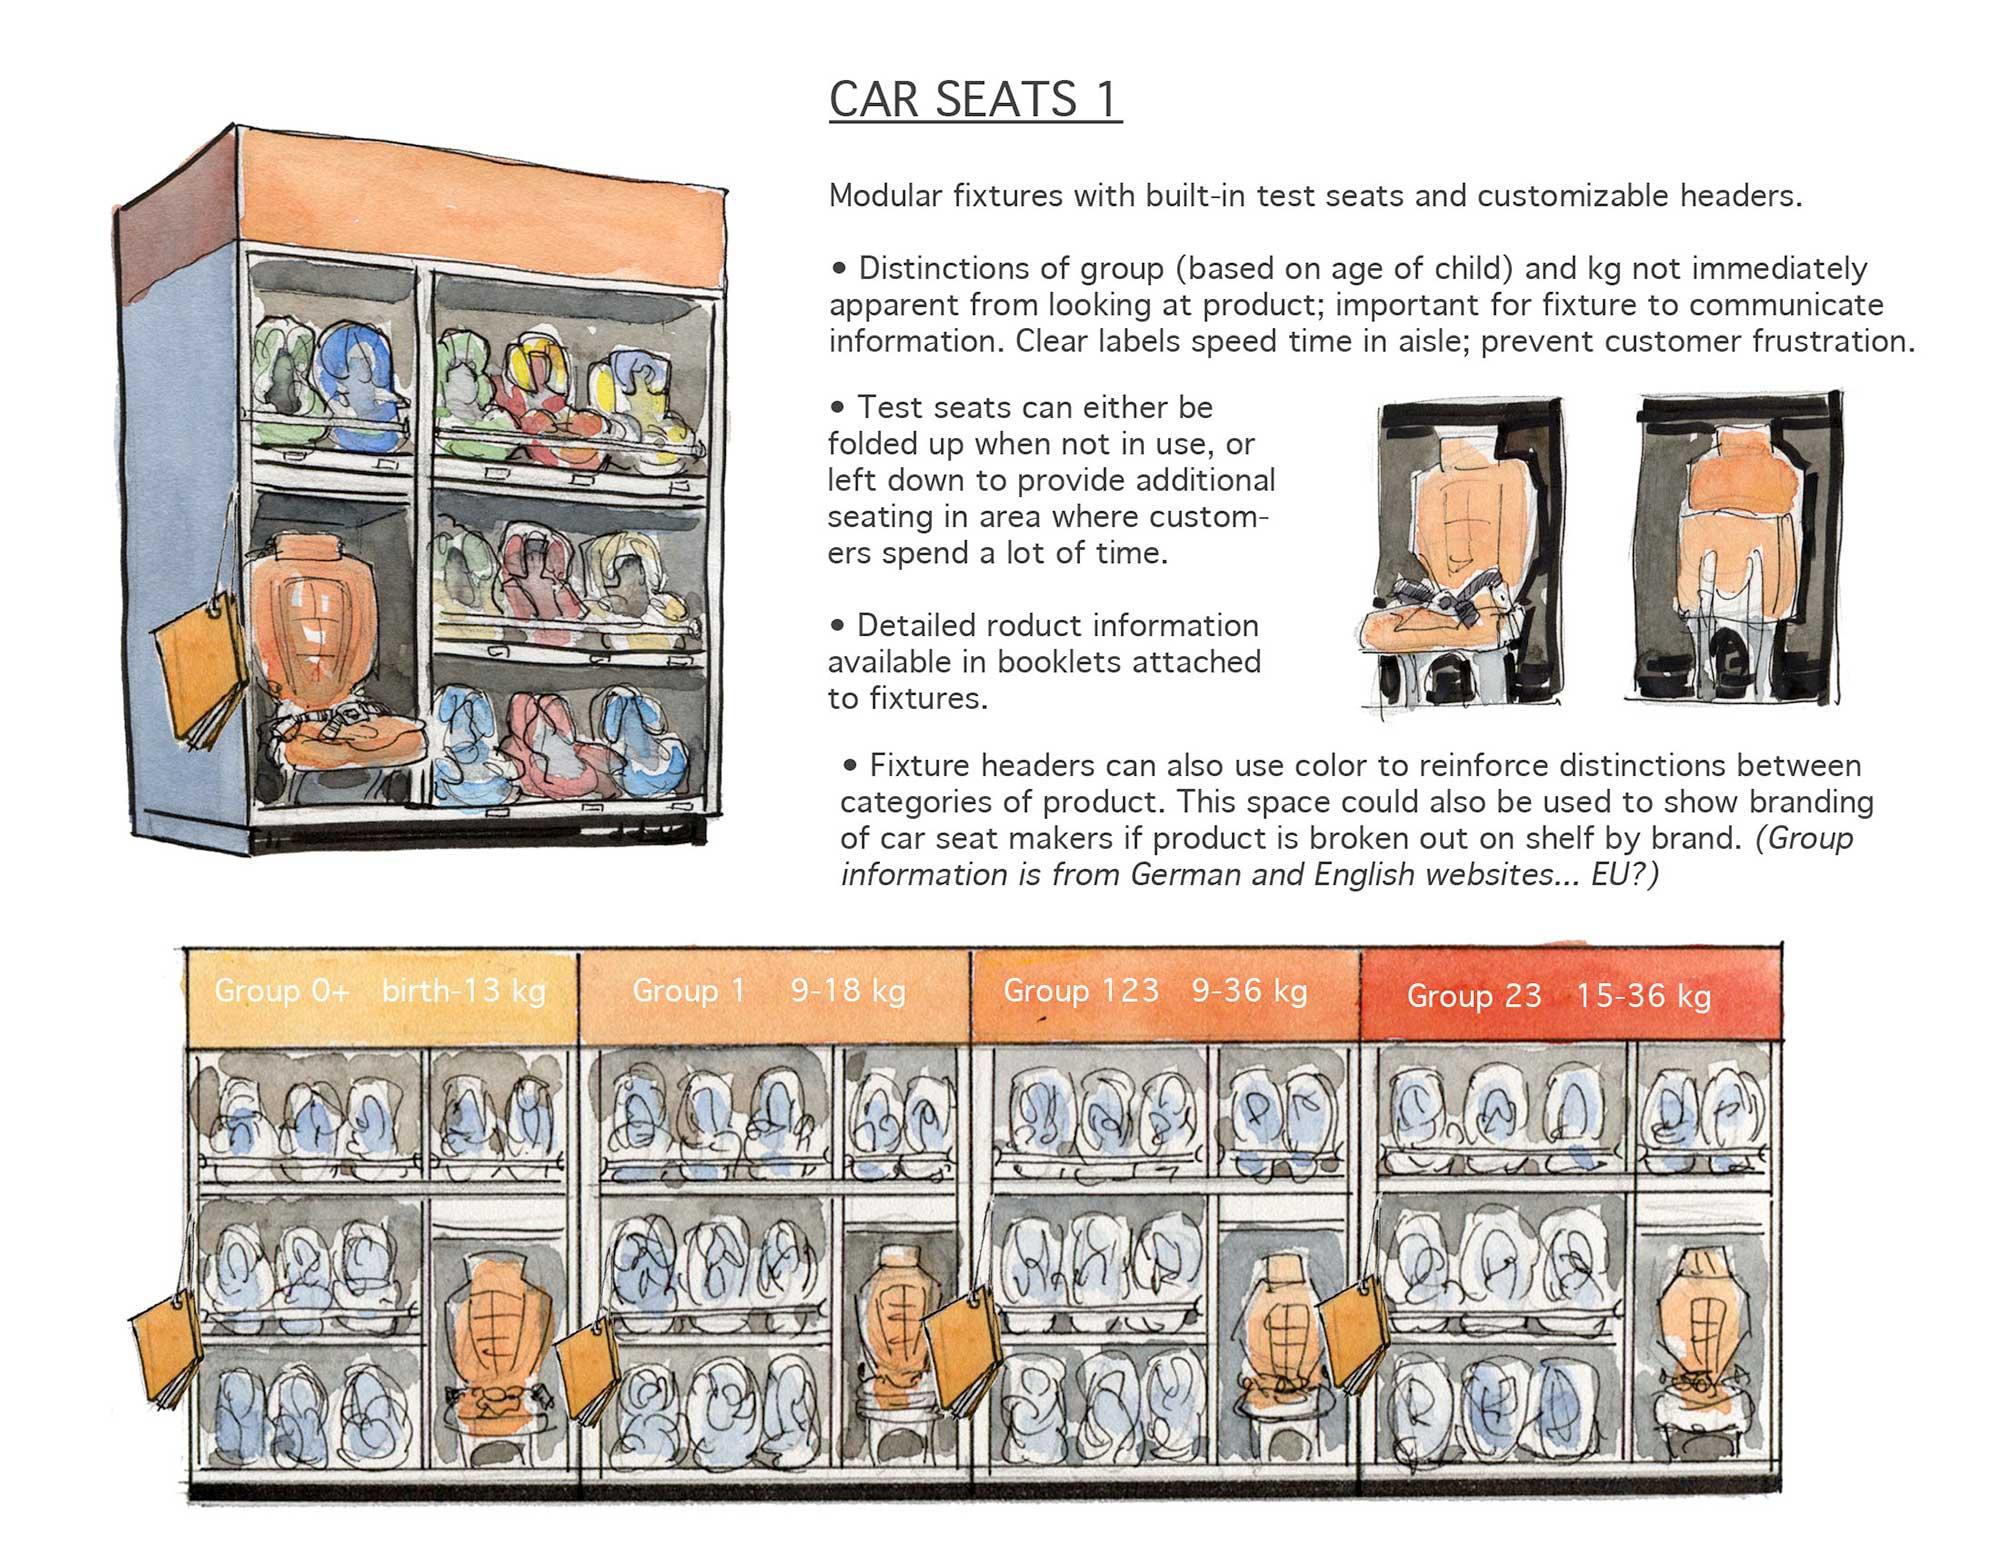 carseats_fixture.jpg